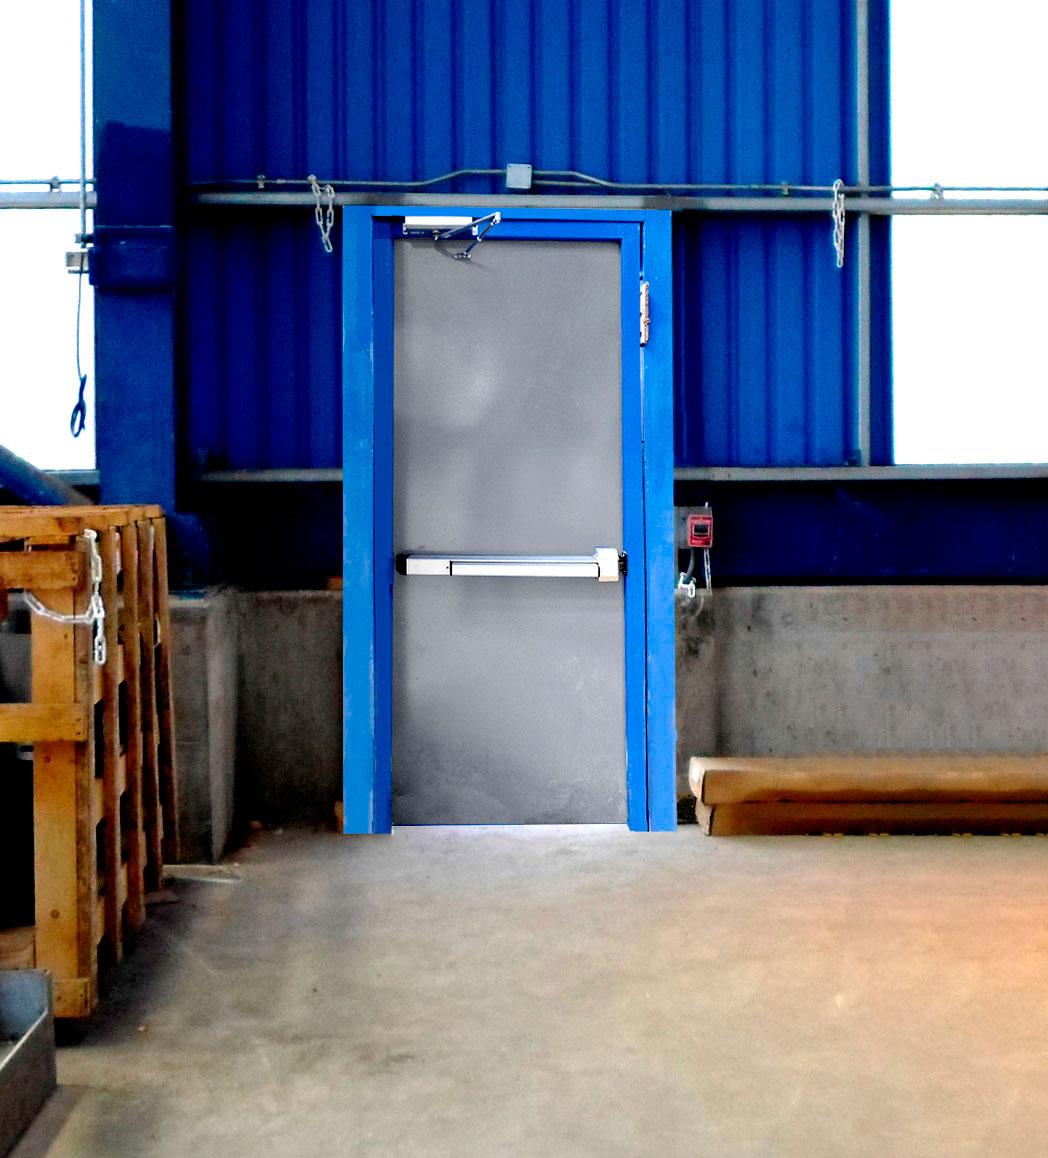 Nueva puerta de escape industrial para sector costero for Puerta industrial